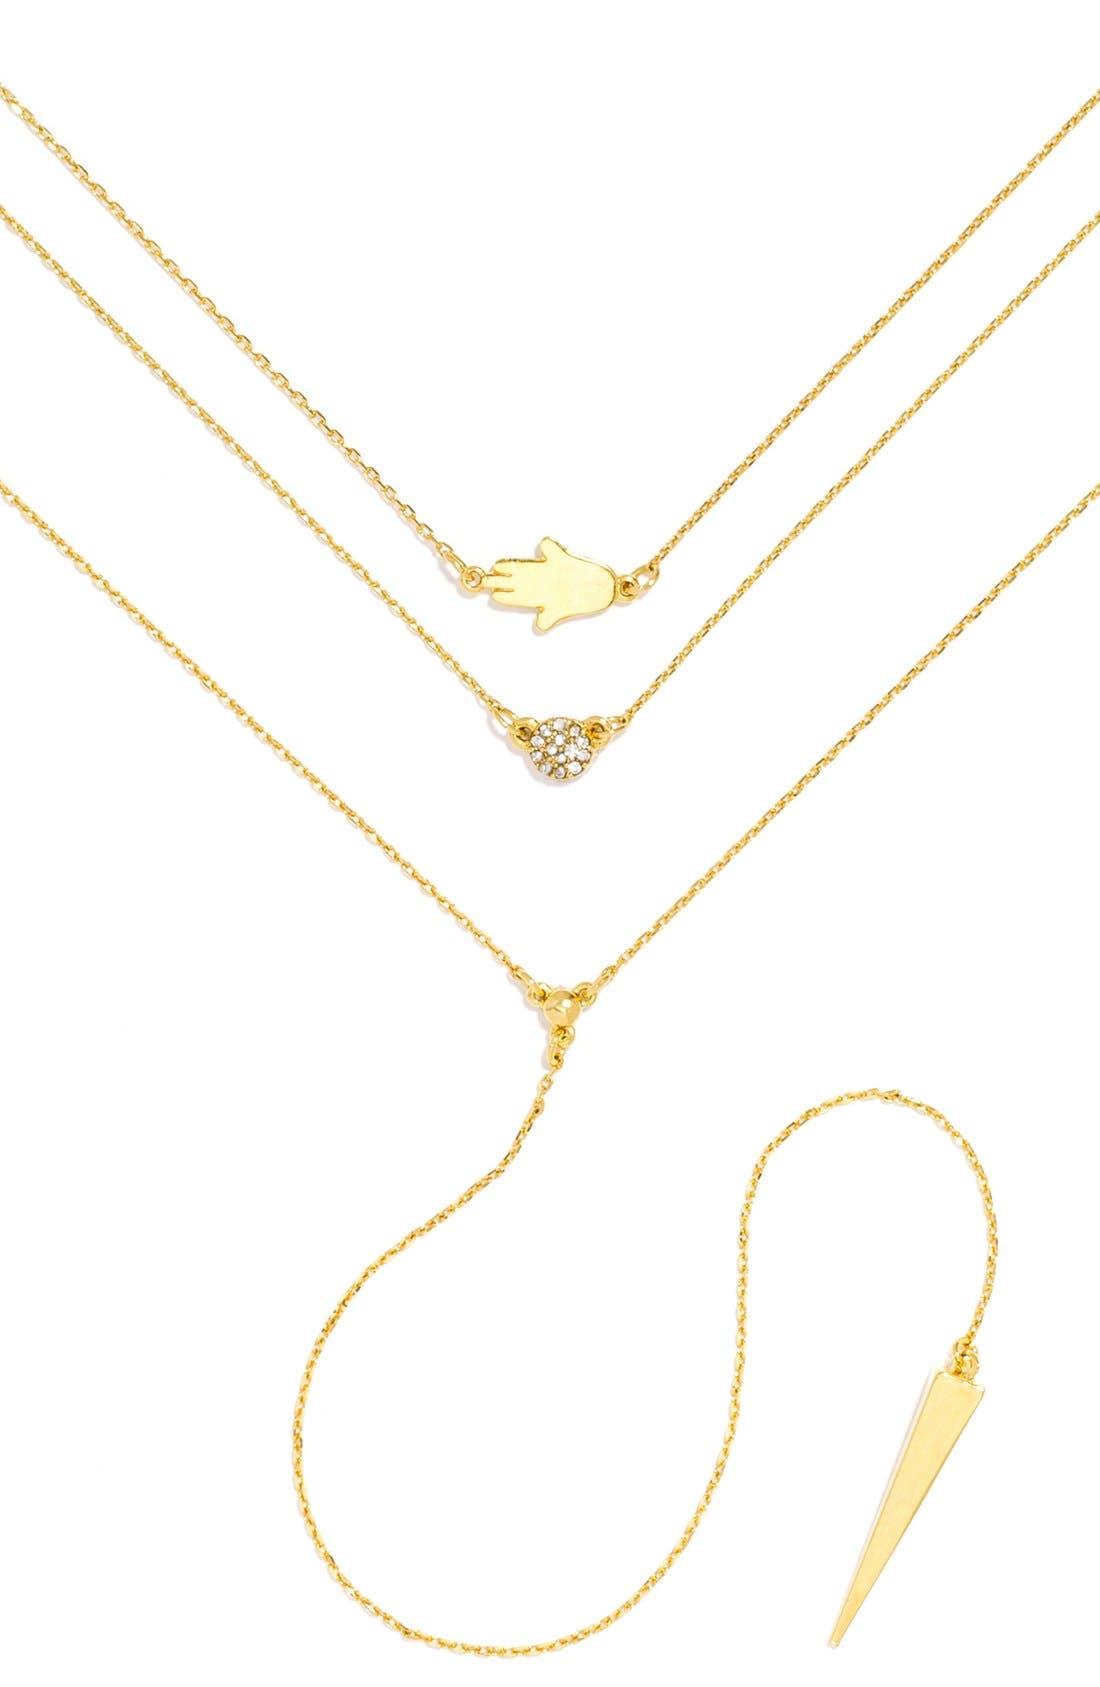 'Pyramid' Layered Necklace Gift Set,                             Main thumbnail 1, color,                             Gold